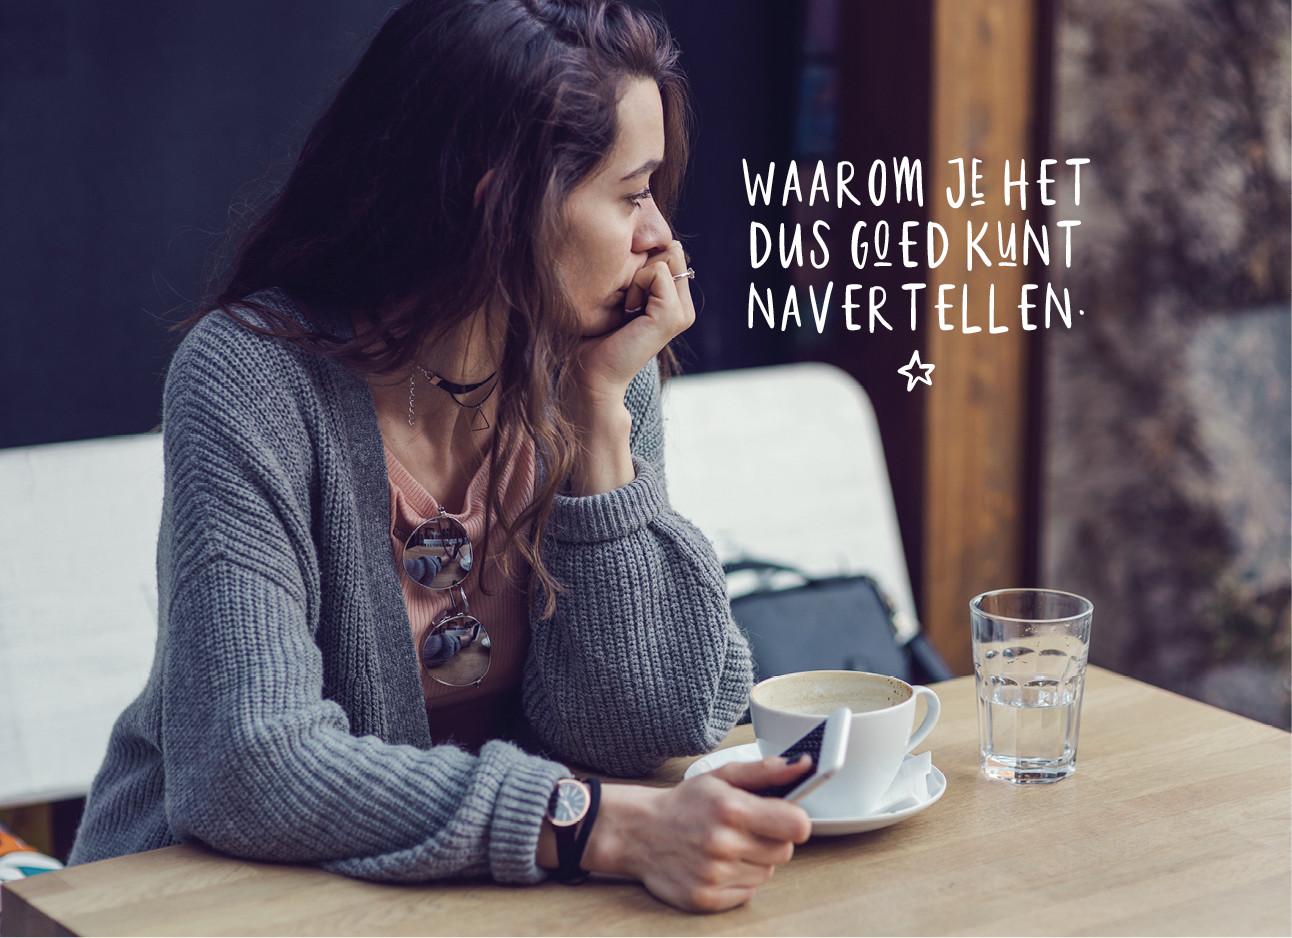 Meisje dat verdrietig wegkijkt van haar telefoon in een grijs vest